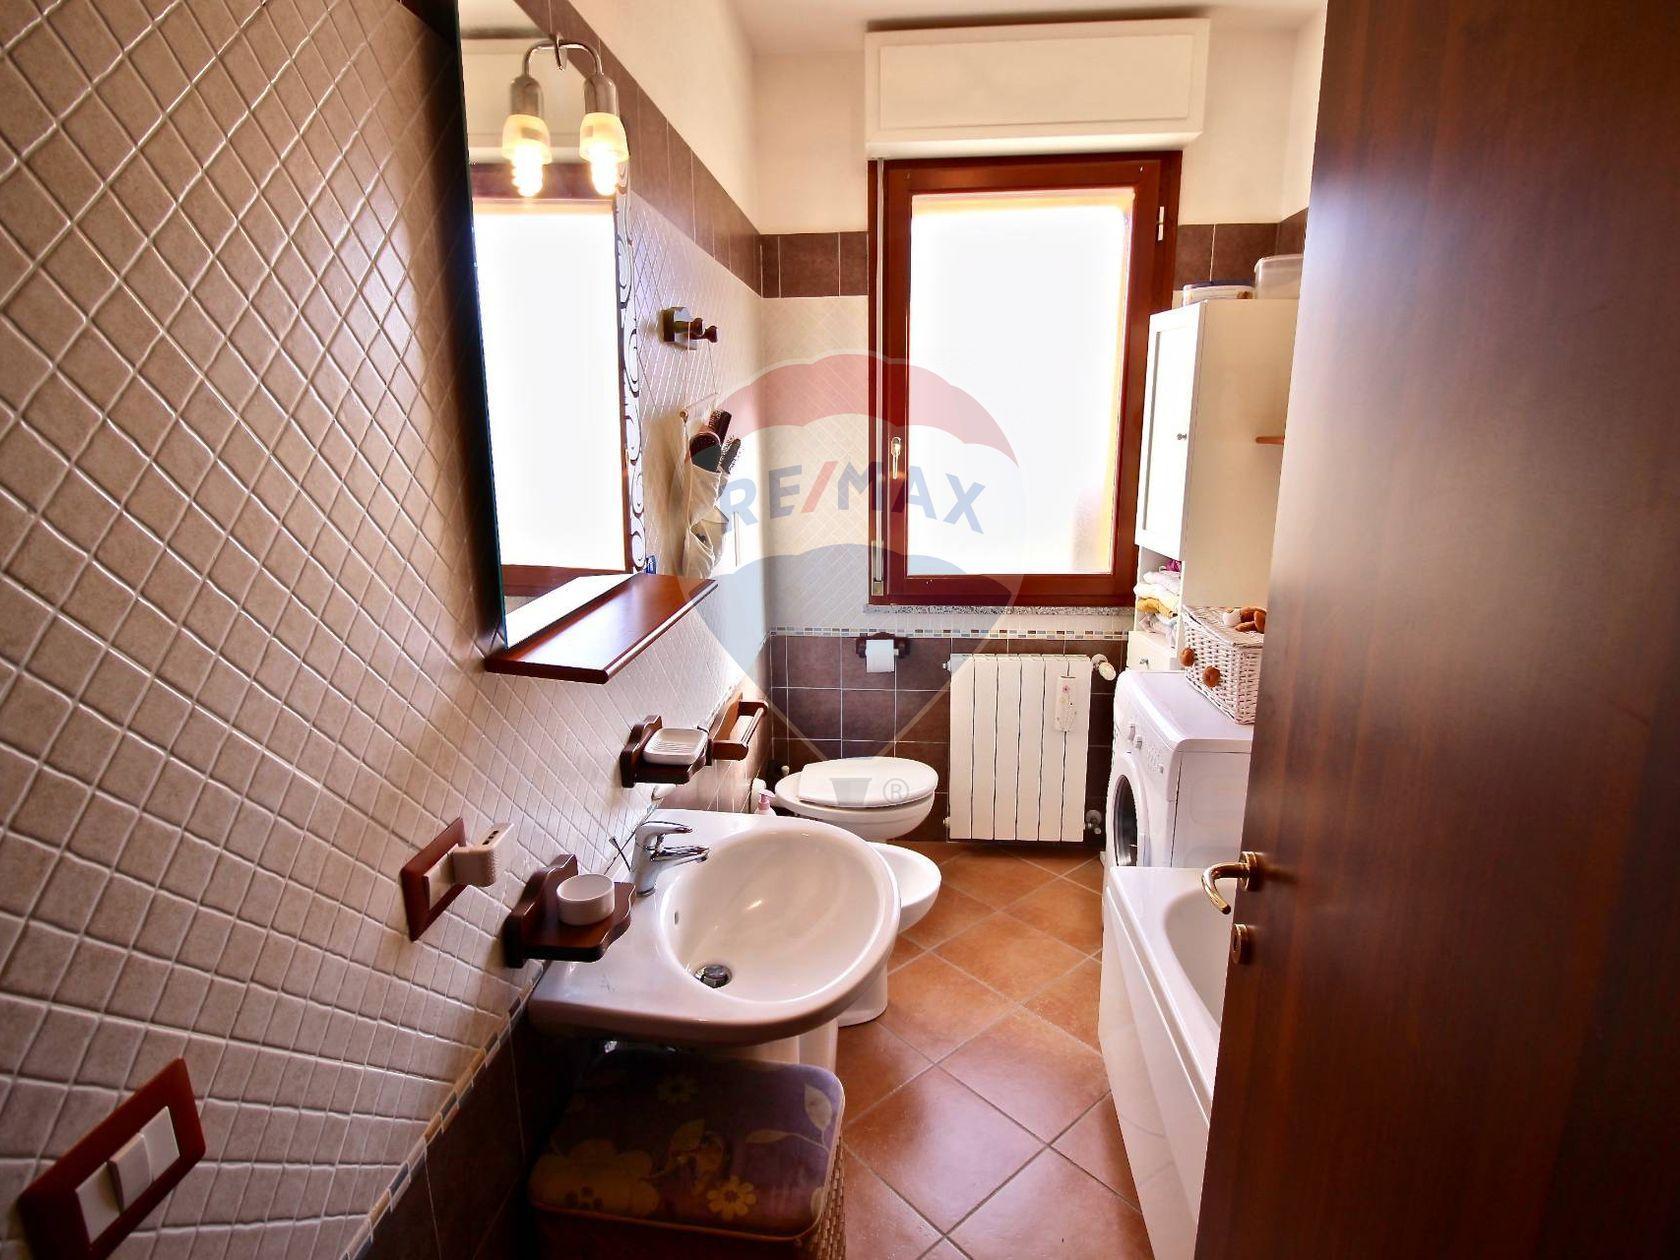 Appartamento Ss-sassari 2, Sassari, SS Vendita - Foto 10